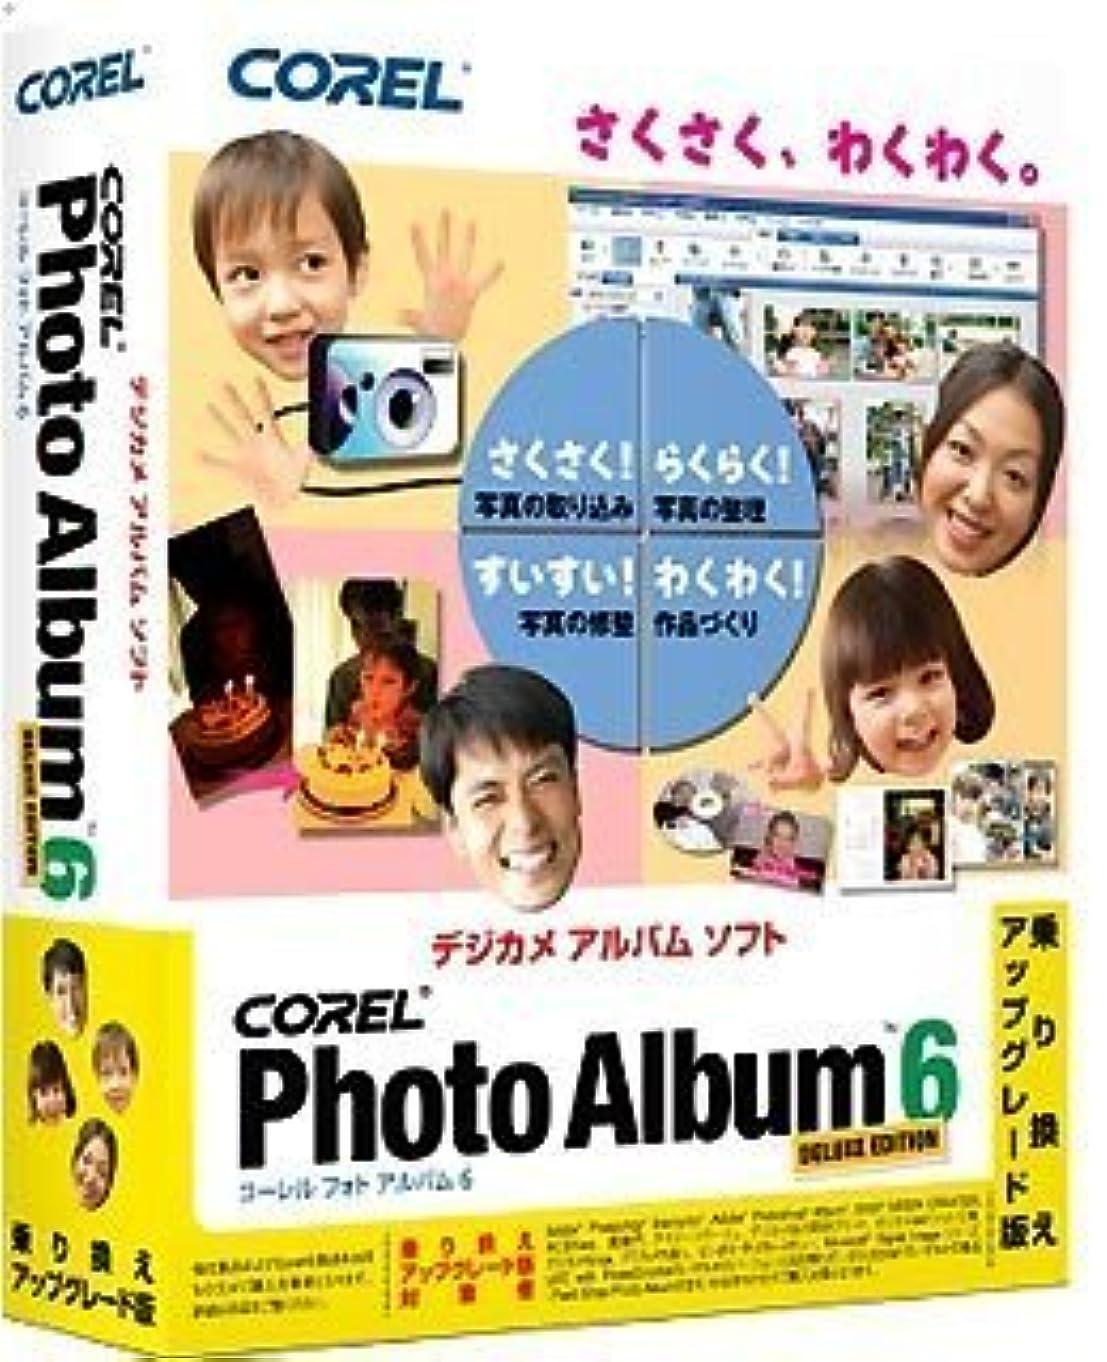 ボタン近傍論争Corel Photo Album 6 デラックス 乗り換えアップグレード版